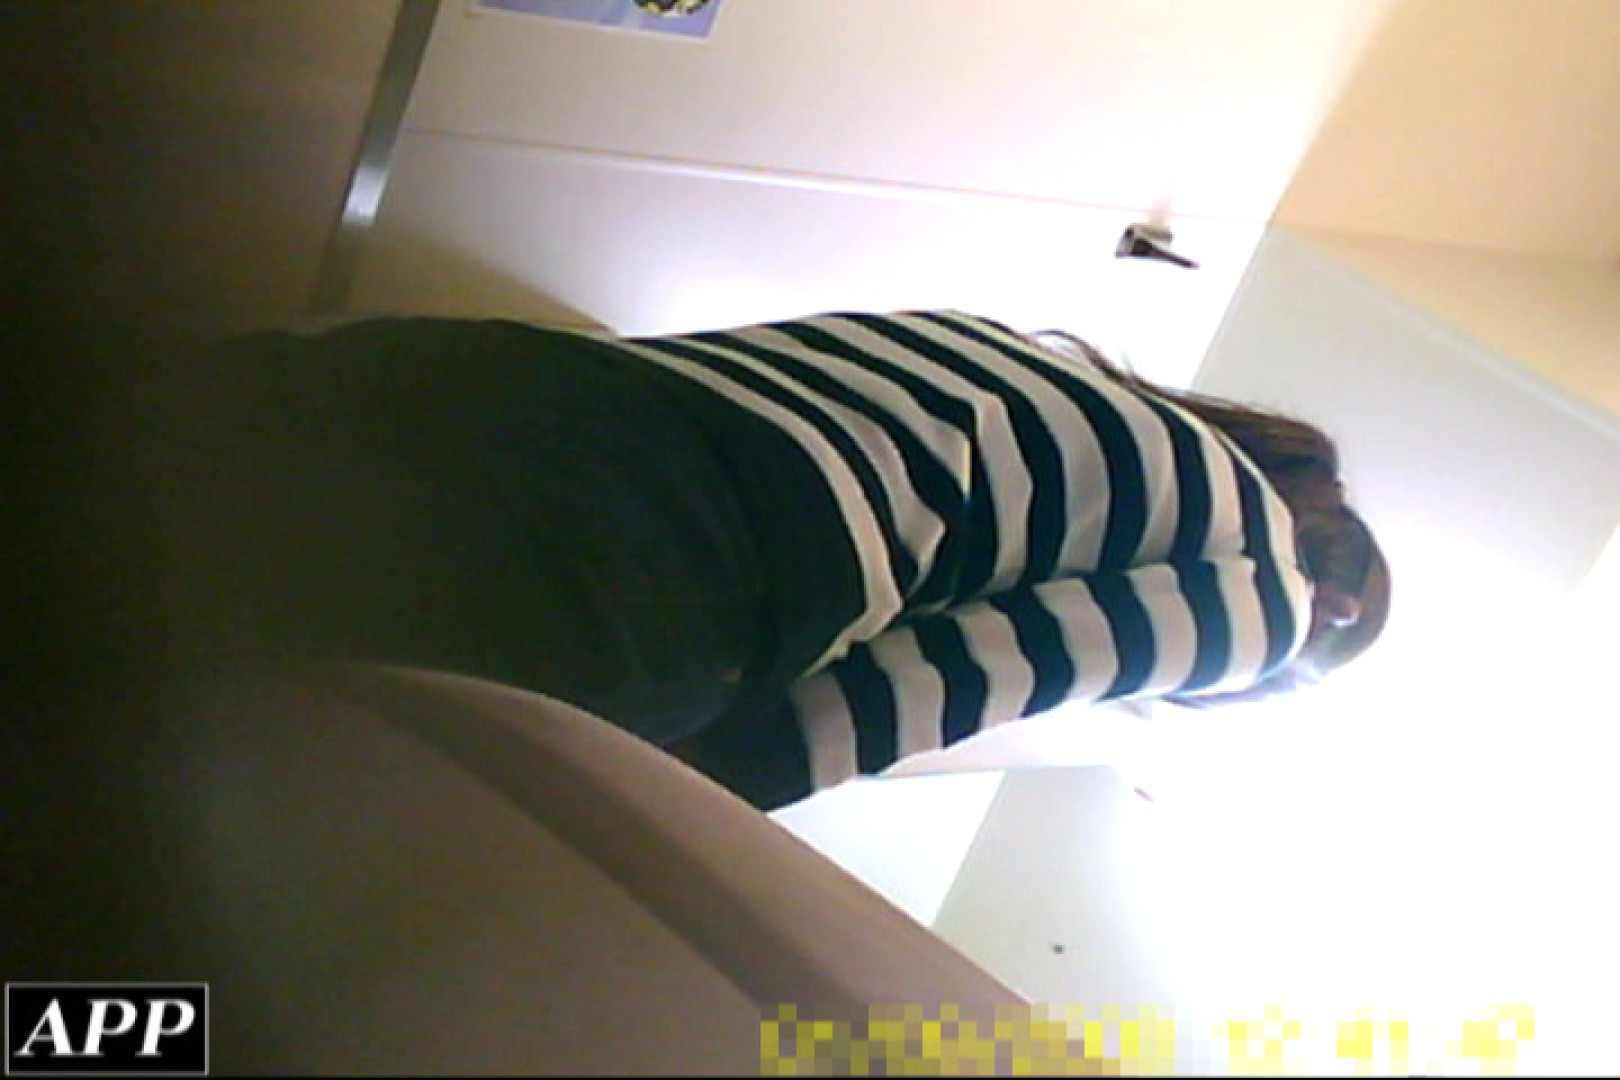 3視点洗面所 vol.001 いやらしいOL エロ画像 65連発 65